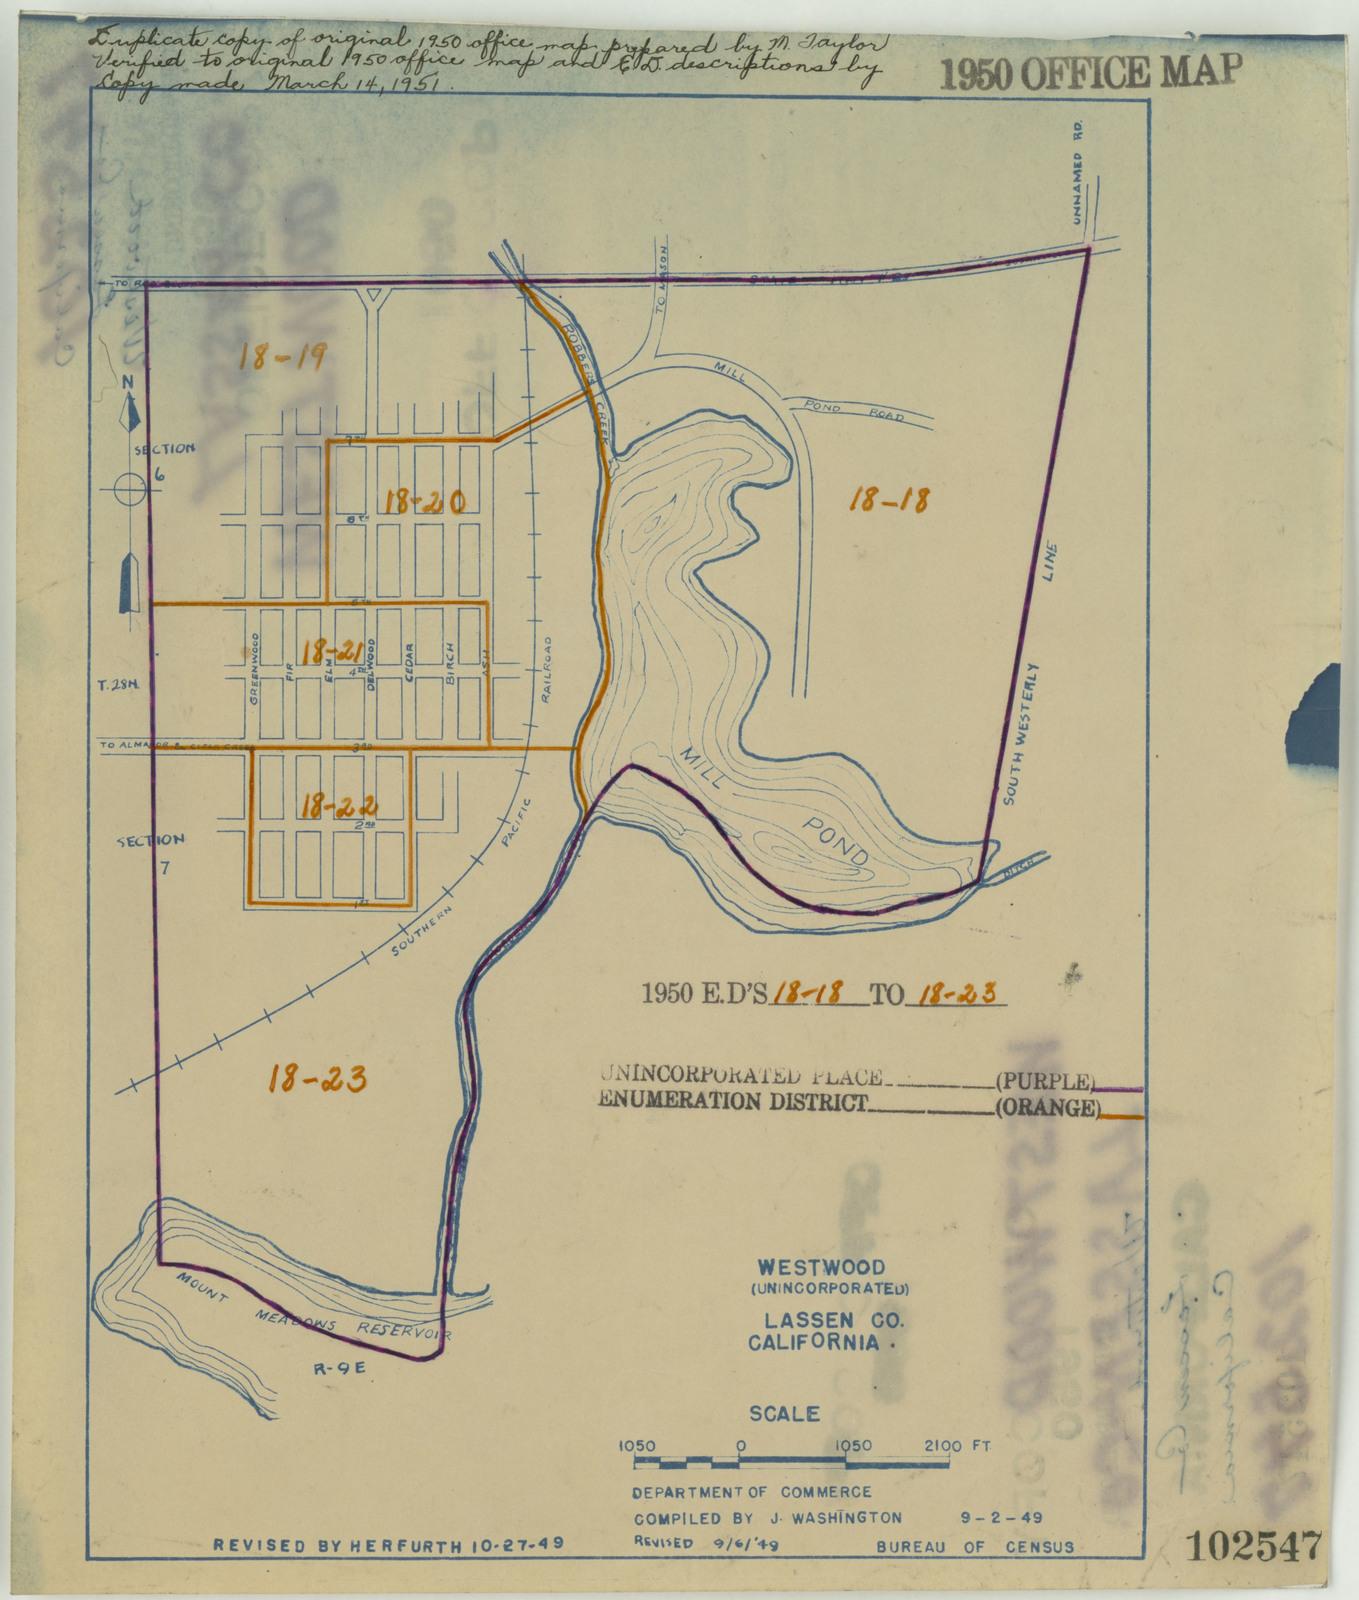 1950 Census Enumeration District Maps - California (CA